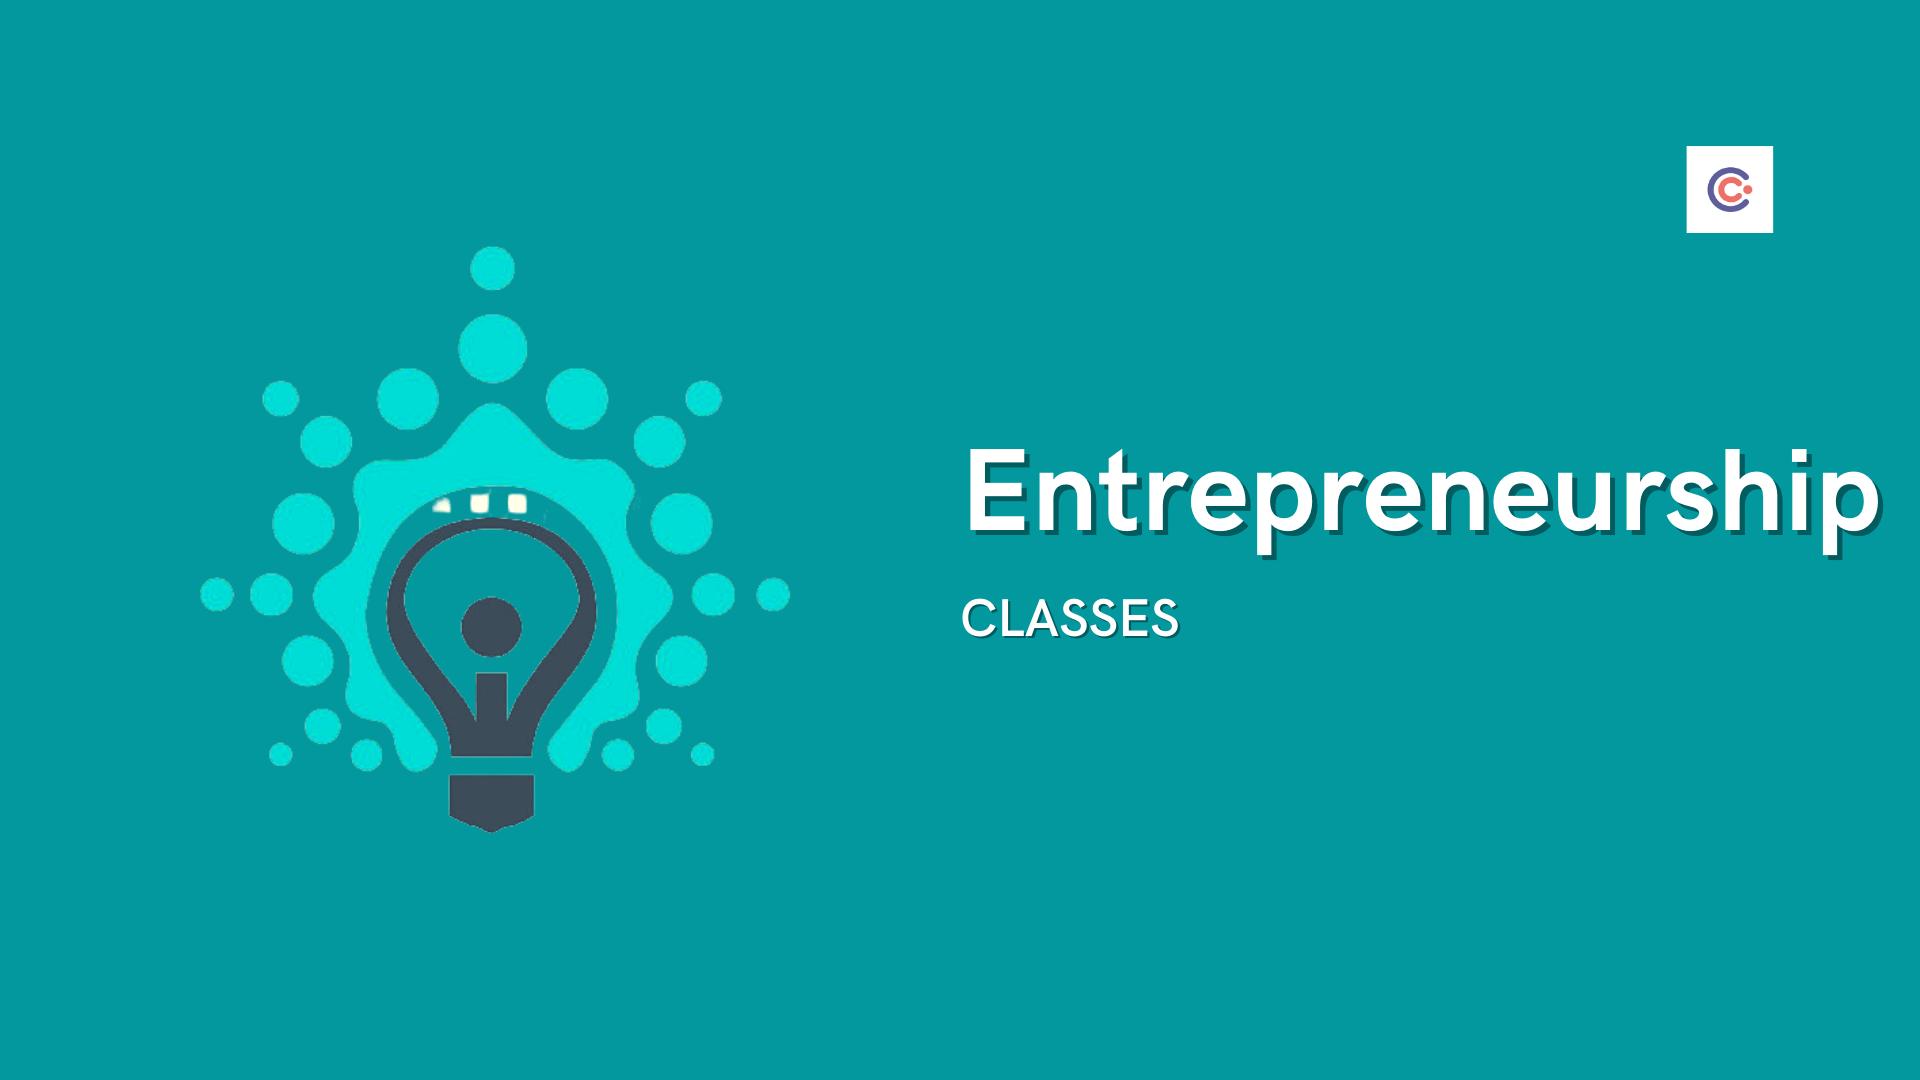 7 Best Entrepreneurship Classes - Learn Entrepreneurship Skills Online